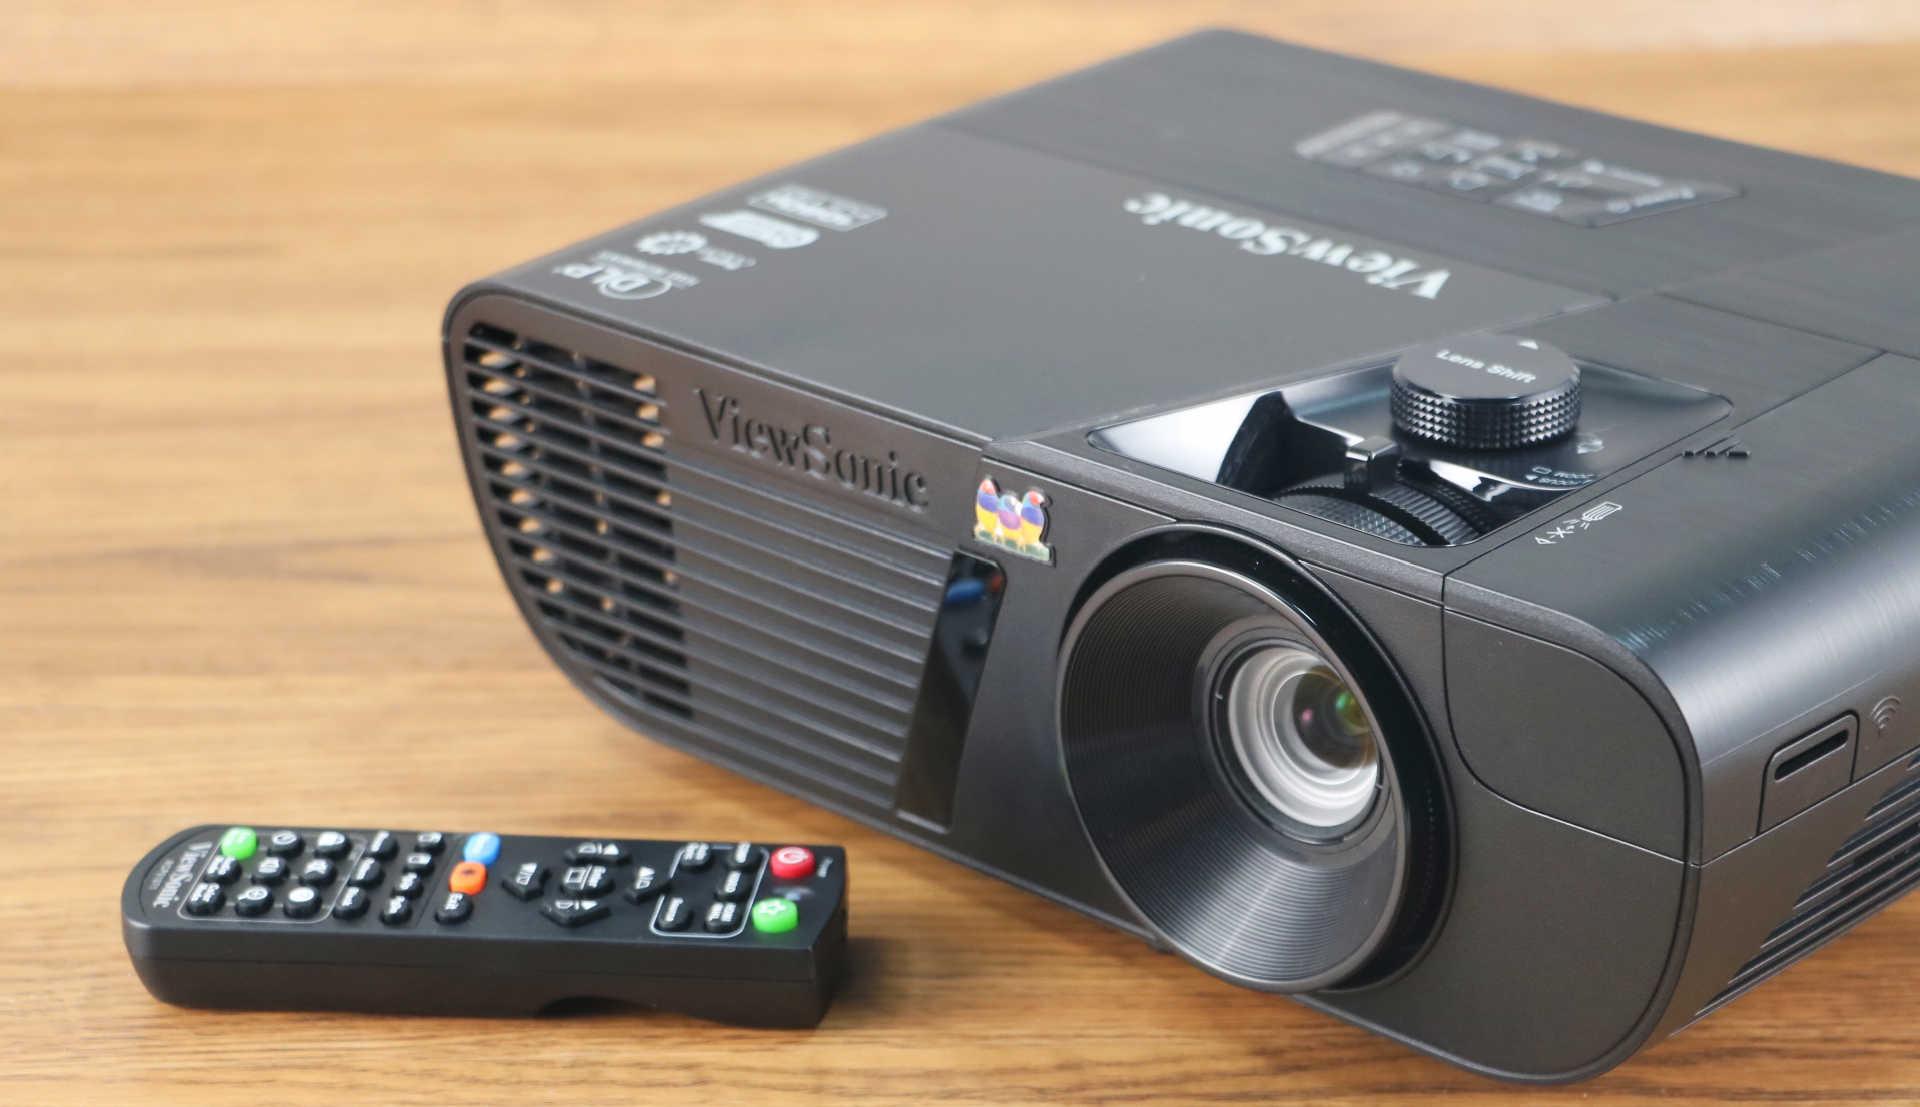 顏色精準、細膩,擁有重低音效果的投影機:ViewSonic Pro7827HD 開箱評測